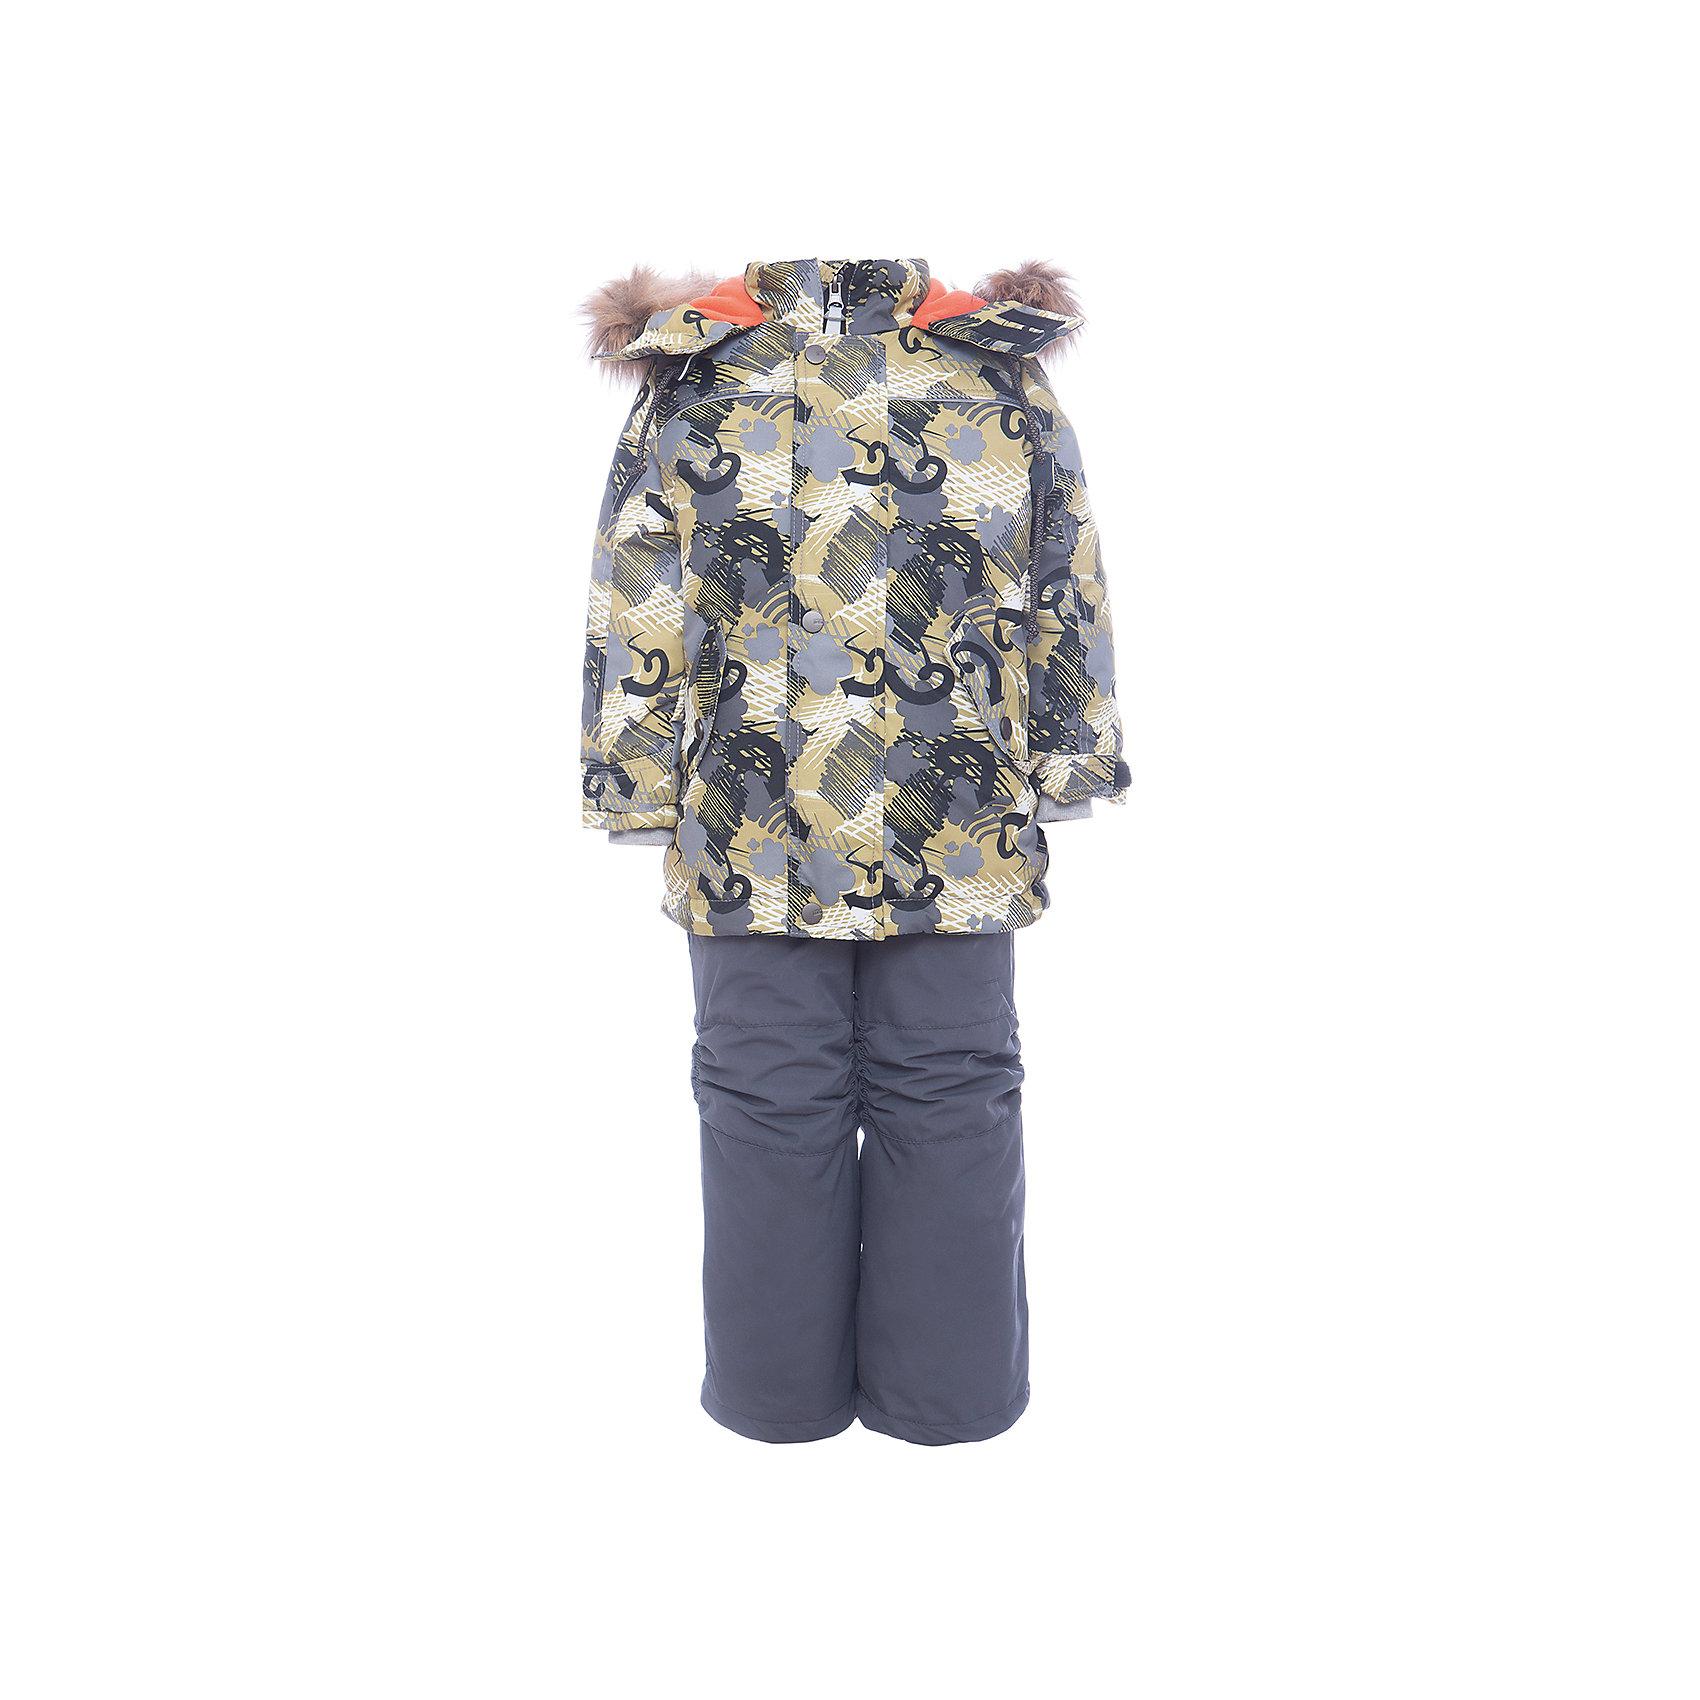 Комплект: куртка и полукомбенизон Дима Batik для мальчикаВерхняя одежда<br>Характеристики товара:<br><br>• цвет: хаки<br>• комплектация: куртка и полукомбинезон, толстовка<br>• состав ткани: таслан<br>• подкладка: поларфлис<br>• утеплитель: слайтекс<br>• сезон: зима<br>• мембранное покрытие<br>• температурный режим: от -35 до 0<br>• водонепроницаемость: 5000 мм <br>• паропроницаемость: 5000 г/м2<br>• плотность утеплителя: куртка - 350 г/м2, полукомбинезон - 200 г/м2<br>• застежка: молния<br>• капюшон: с мехом, отстегивается<br>• в комплекте толстовка<br>• встроенный термодатчик<br>• страна бренда: Россия<br>• страна изготовитель: Россия<br><br>Практичный зимний комплект дополнен капюшоном, карманами и удобной молнией. Такой зимний комплект для мальчика декорирован оригинальным принтом. Прочное мембранное покрытие детского комплекта надежно защищает от холода и влаги. Подкладка комплекта для мальчика мягкая и теплая. <br><br>Комплект: куртка и полукомбинезон Дима Batik (Батик) для мальчика можно купить в нашем интернет-магазине.<br><br>Ширина мм: 356<br>Глубина мм: 10<br>Высота мм: 245<br>Вес г: 519<br>Цвет: хаки<br>Возраст от месяцев: 60<br>Возраст до месяцев: 72<br>Пол: Мужской<br>Возраст: Детский<br>Размер: 116,86,92,98,104,110<br>SKU: 7028313